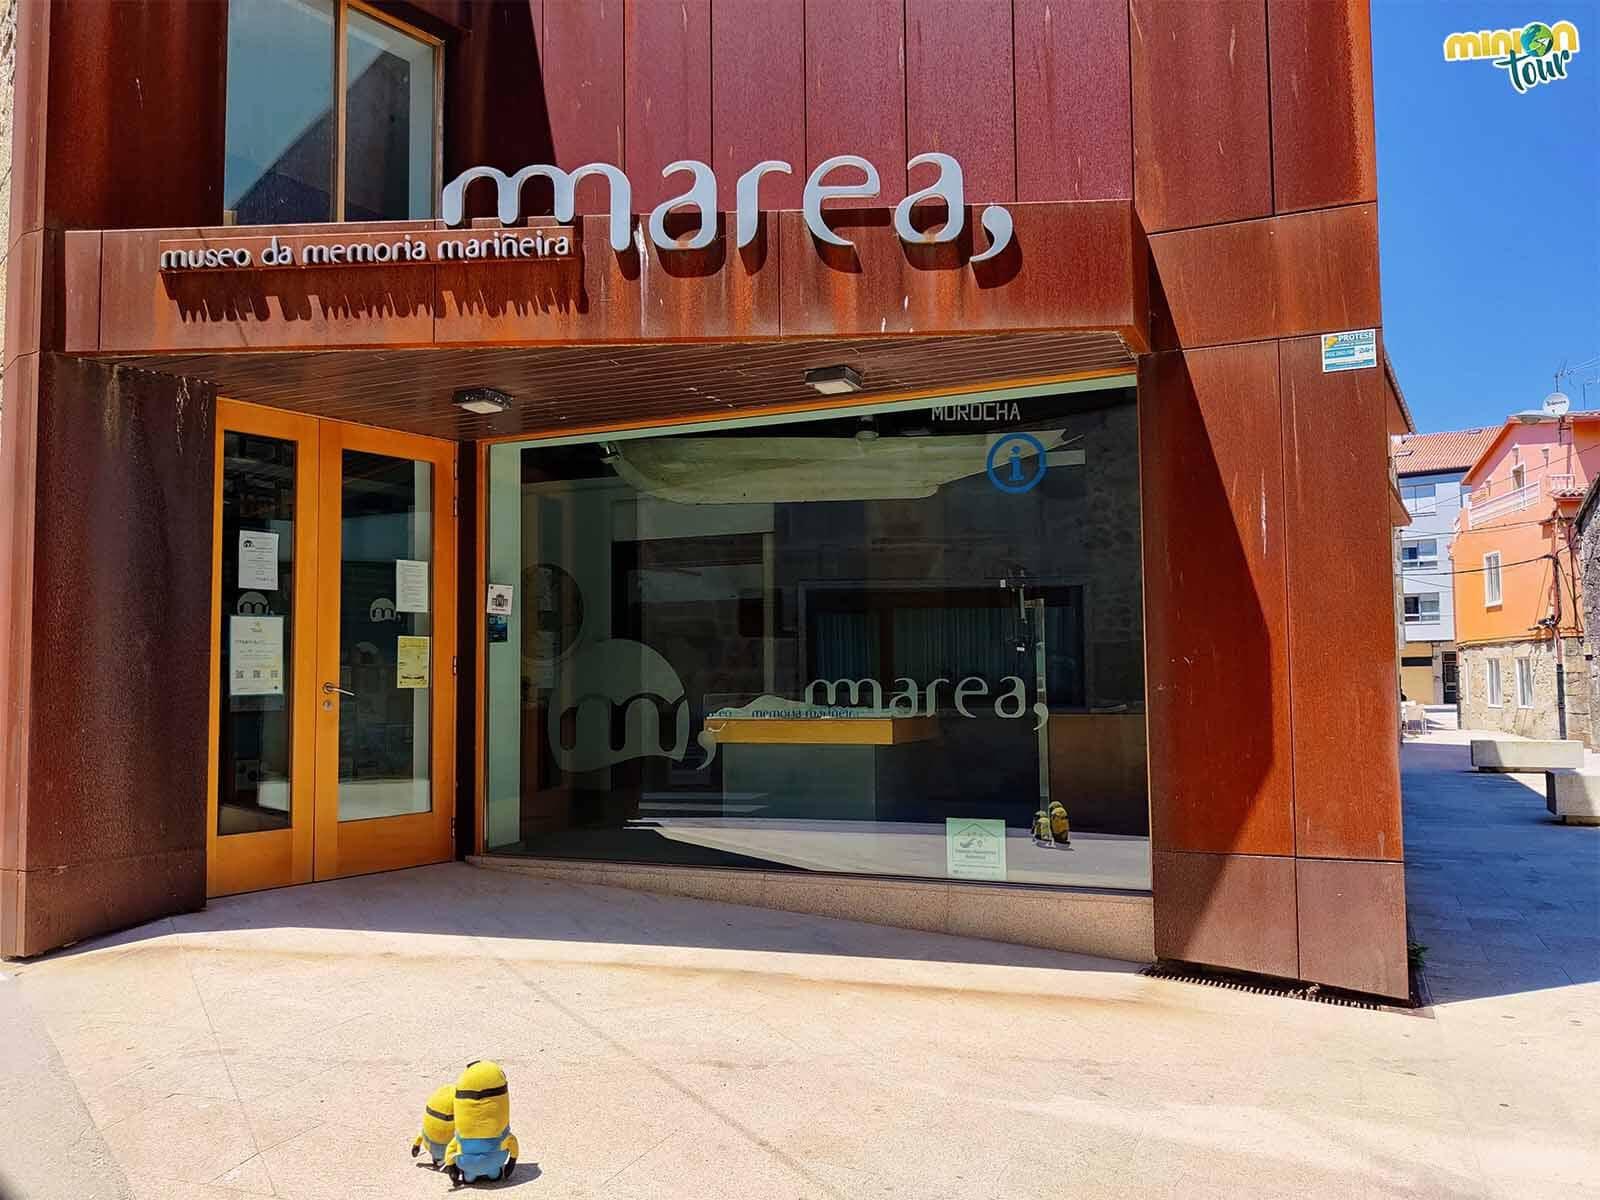 Vamos a conocer uno de los museos más chulos que tienes que ver en la Ría de Muros y Noia